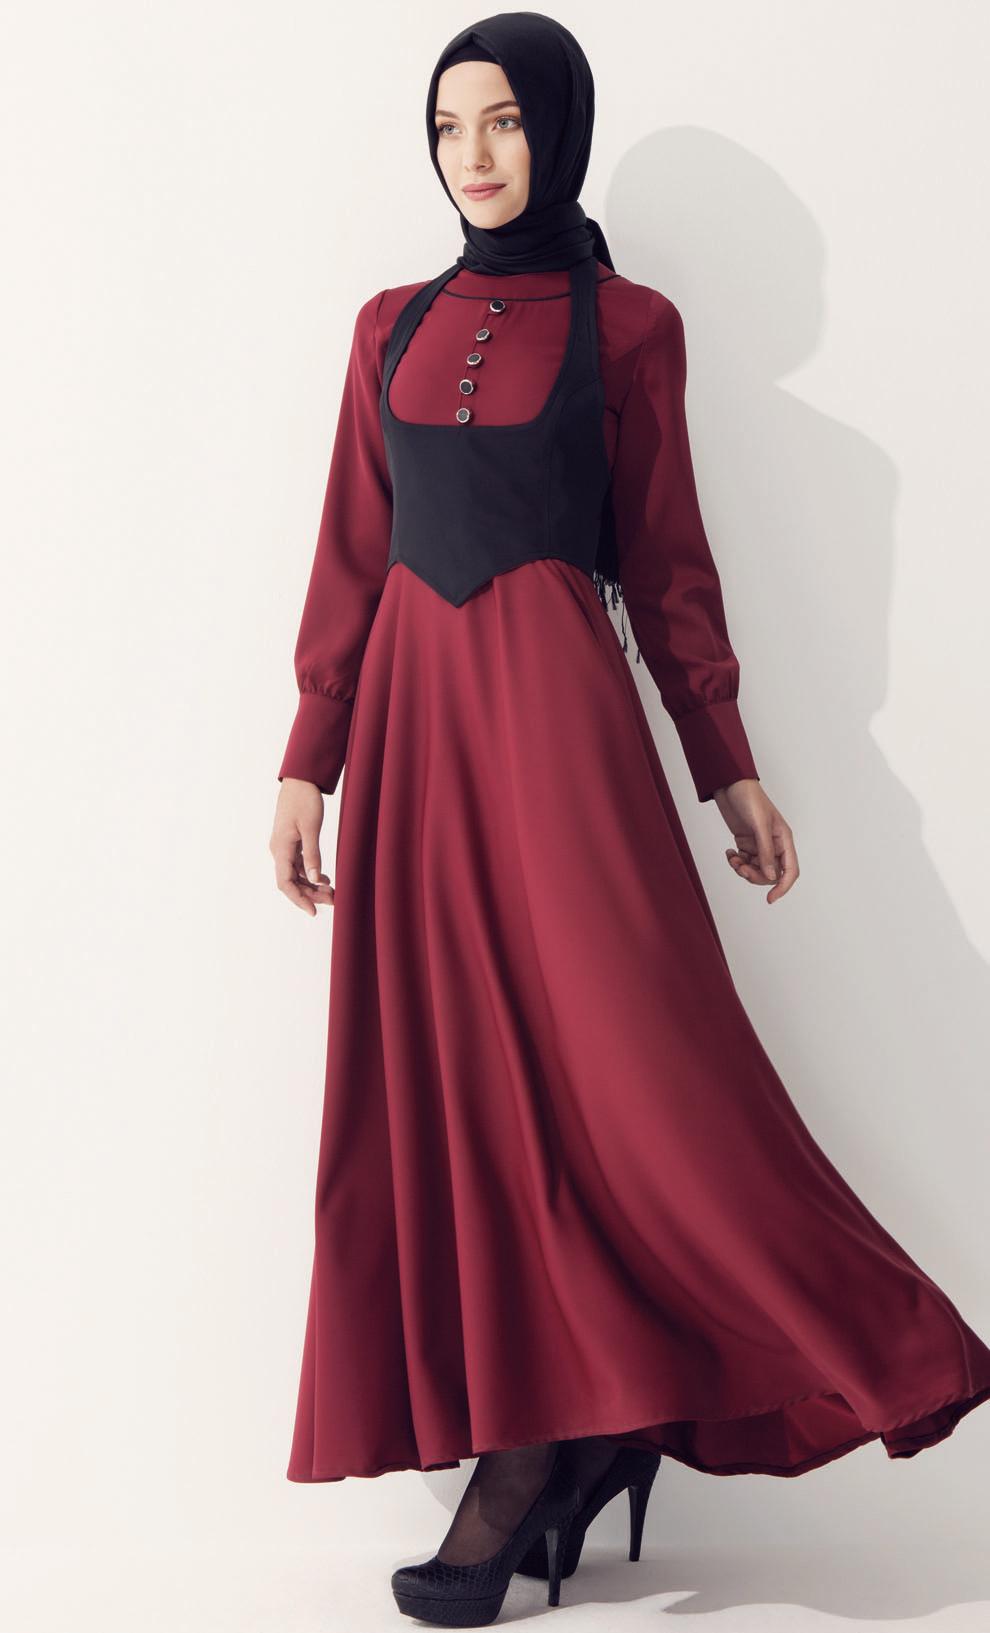 82a2bf7212327 Uzun Kollu Elbise Modellerinde Yaz Sezonu İçin Tercih Edilen Modeller  Nelerdir?